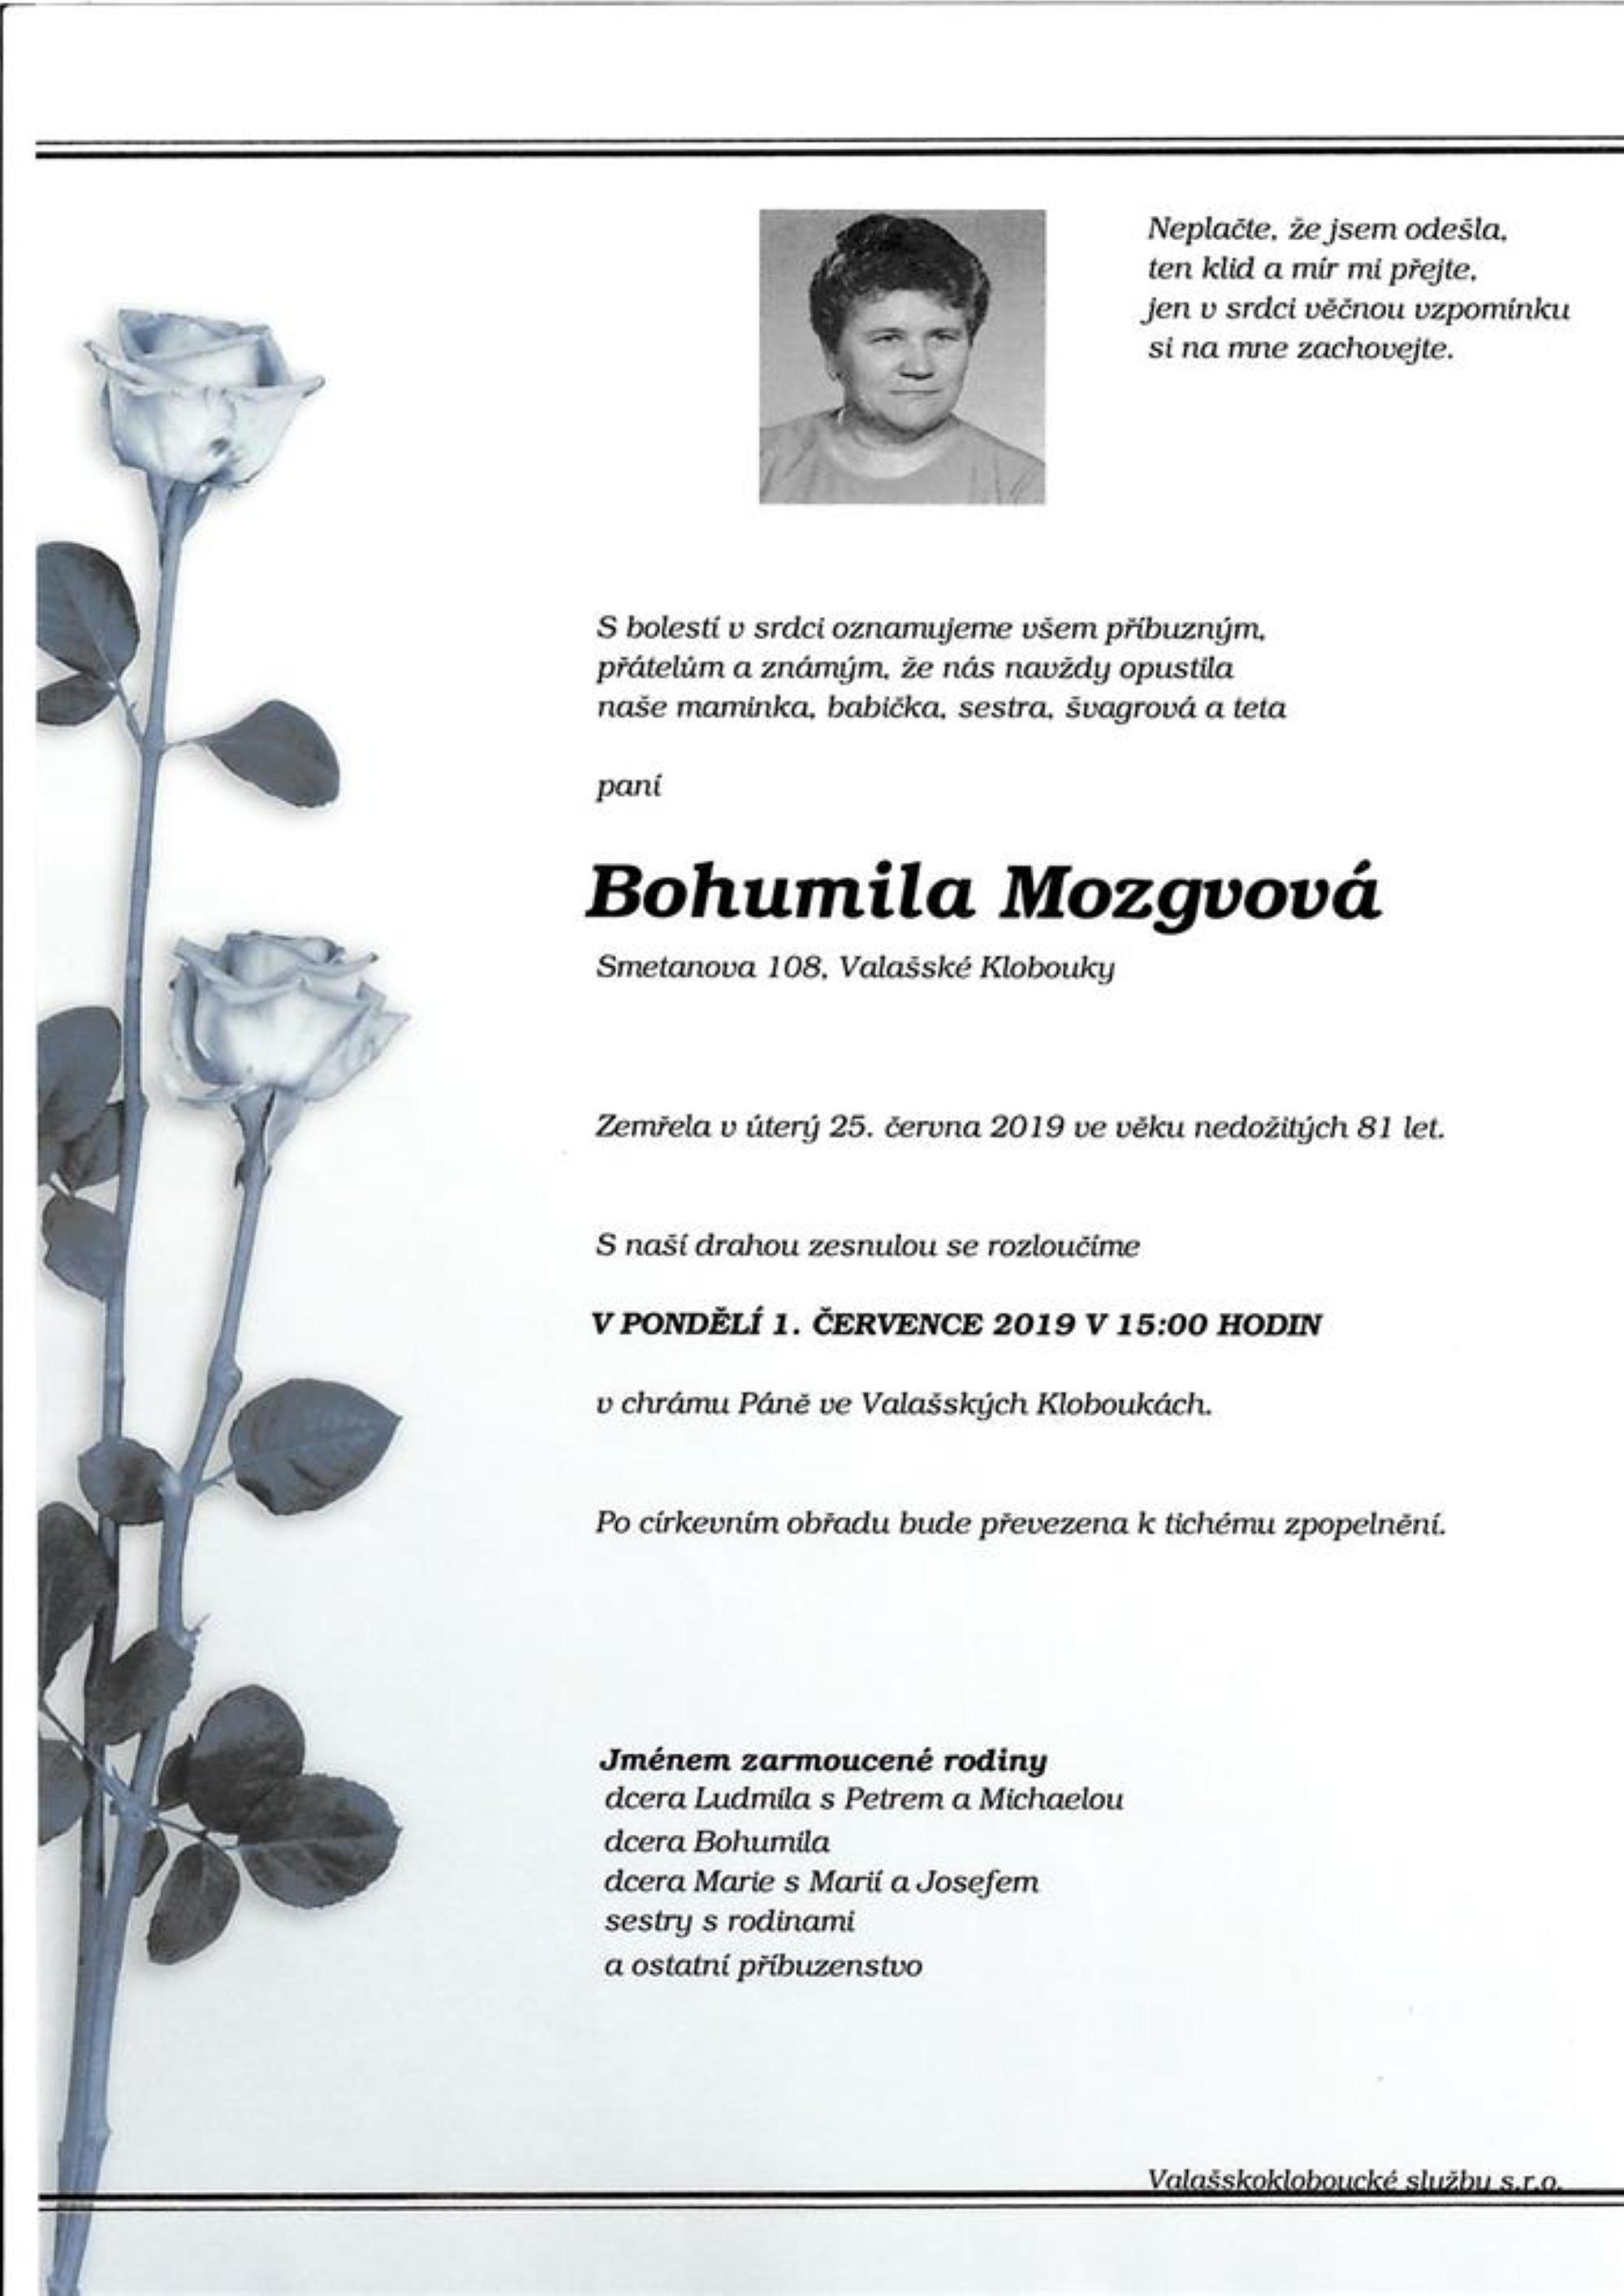 Bohumila Mozgvová